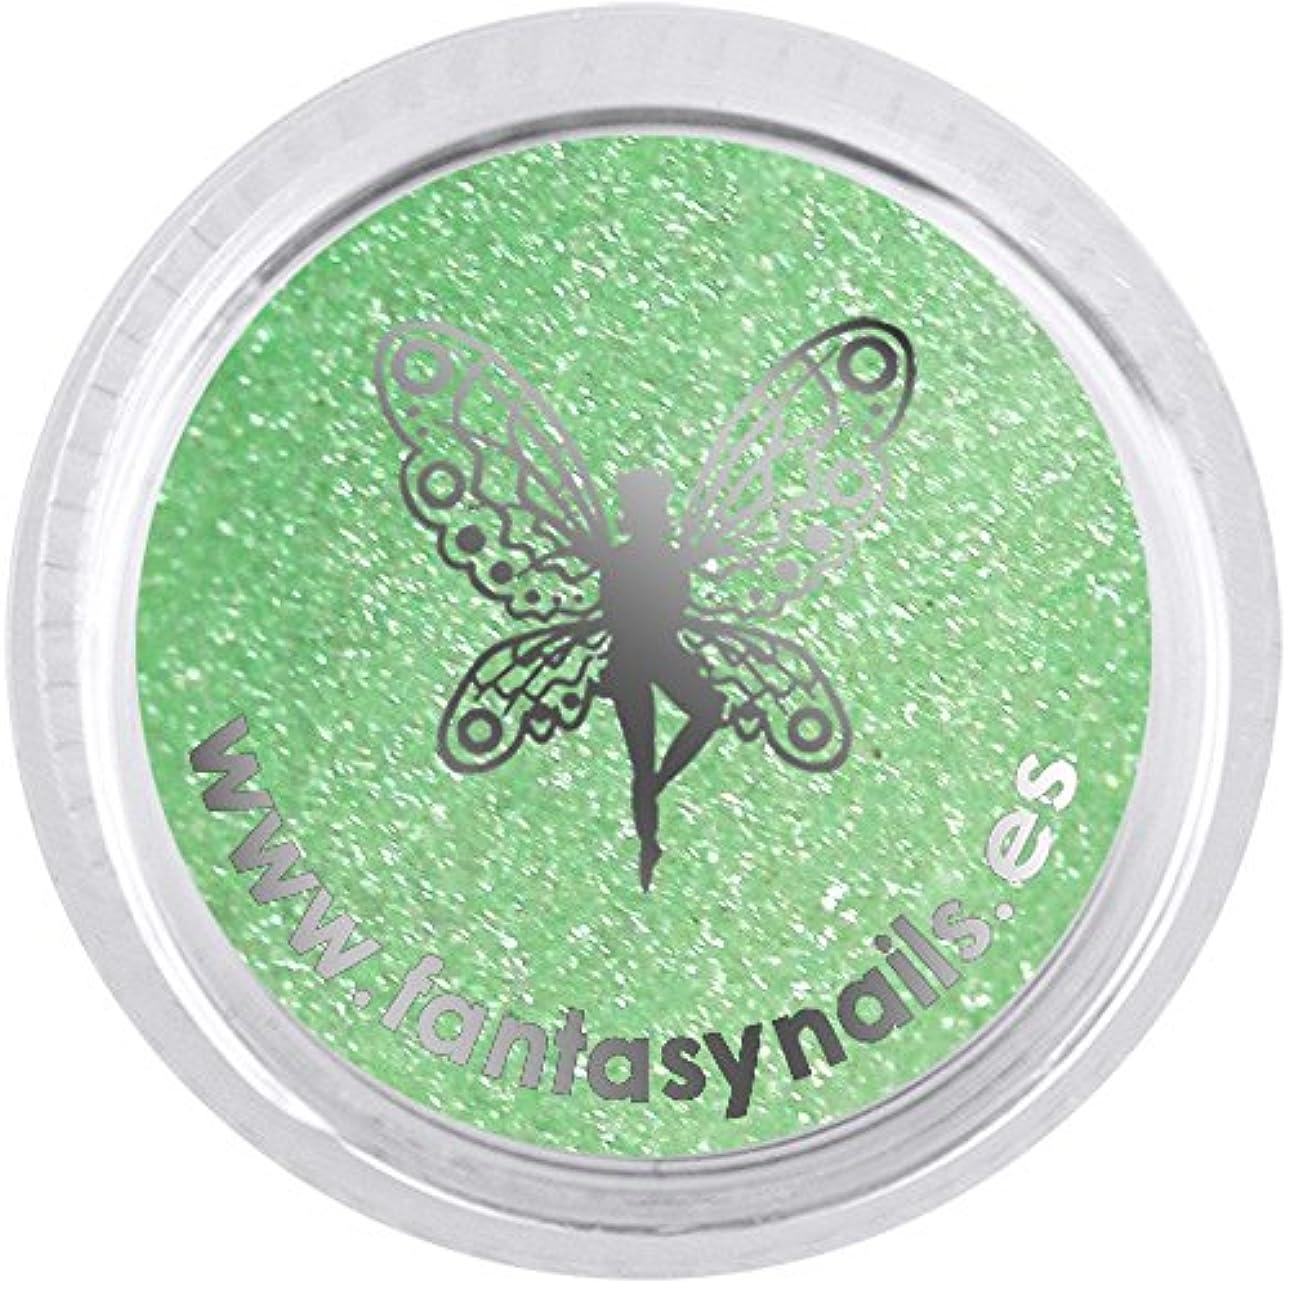 FANTASY NAIL メタリックミネラル3コレクション 3g 4504XS カラーパウダー アート材